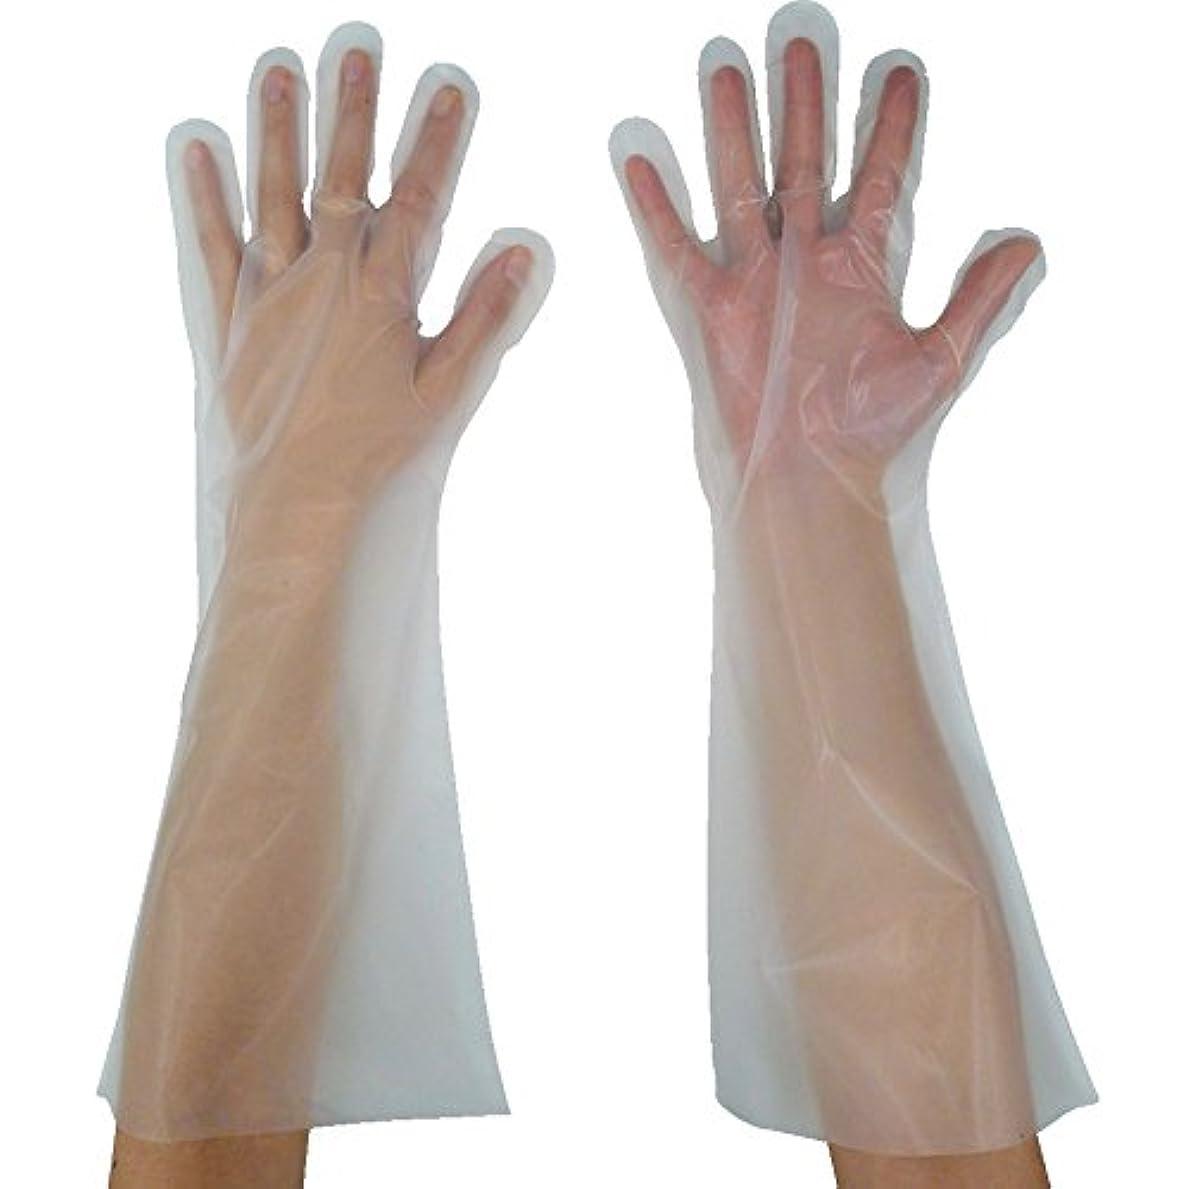 調べる最後に極端な東京パック 緊急災害対策用手袋ロング五本絞りM 半透明 KL-M ポリエチレン使い捨て手袋